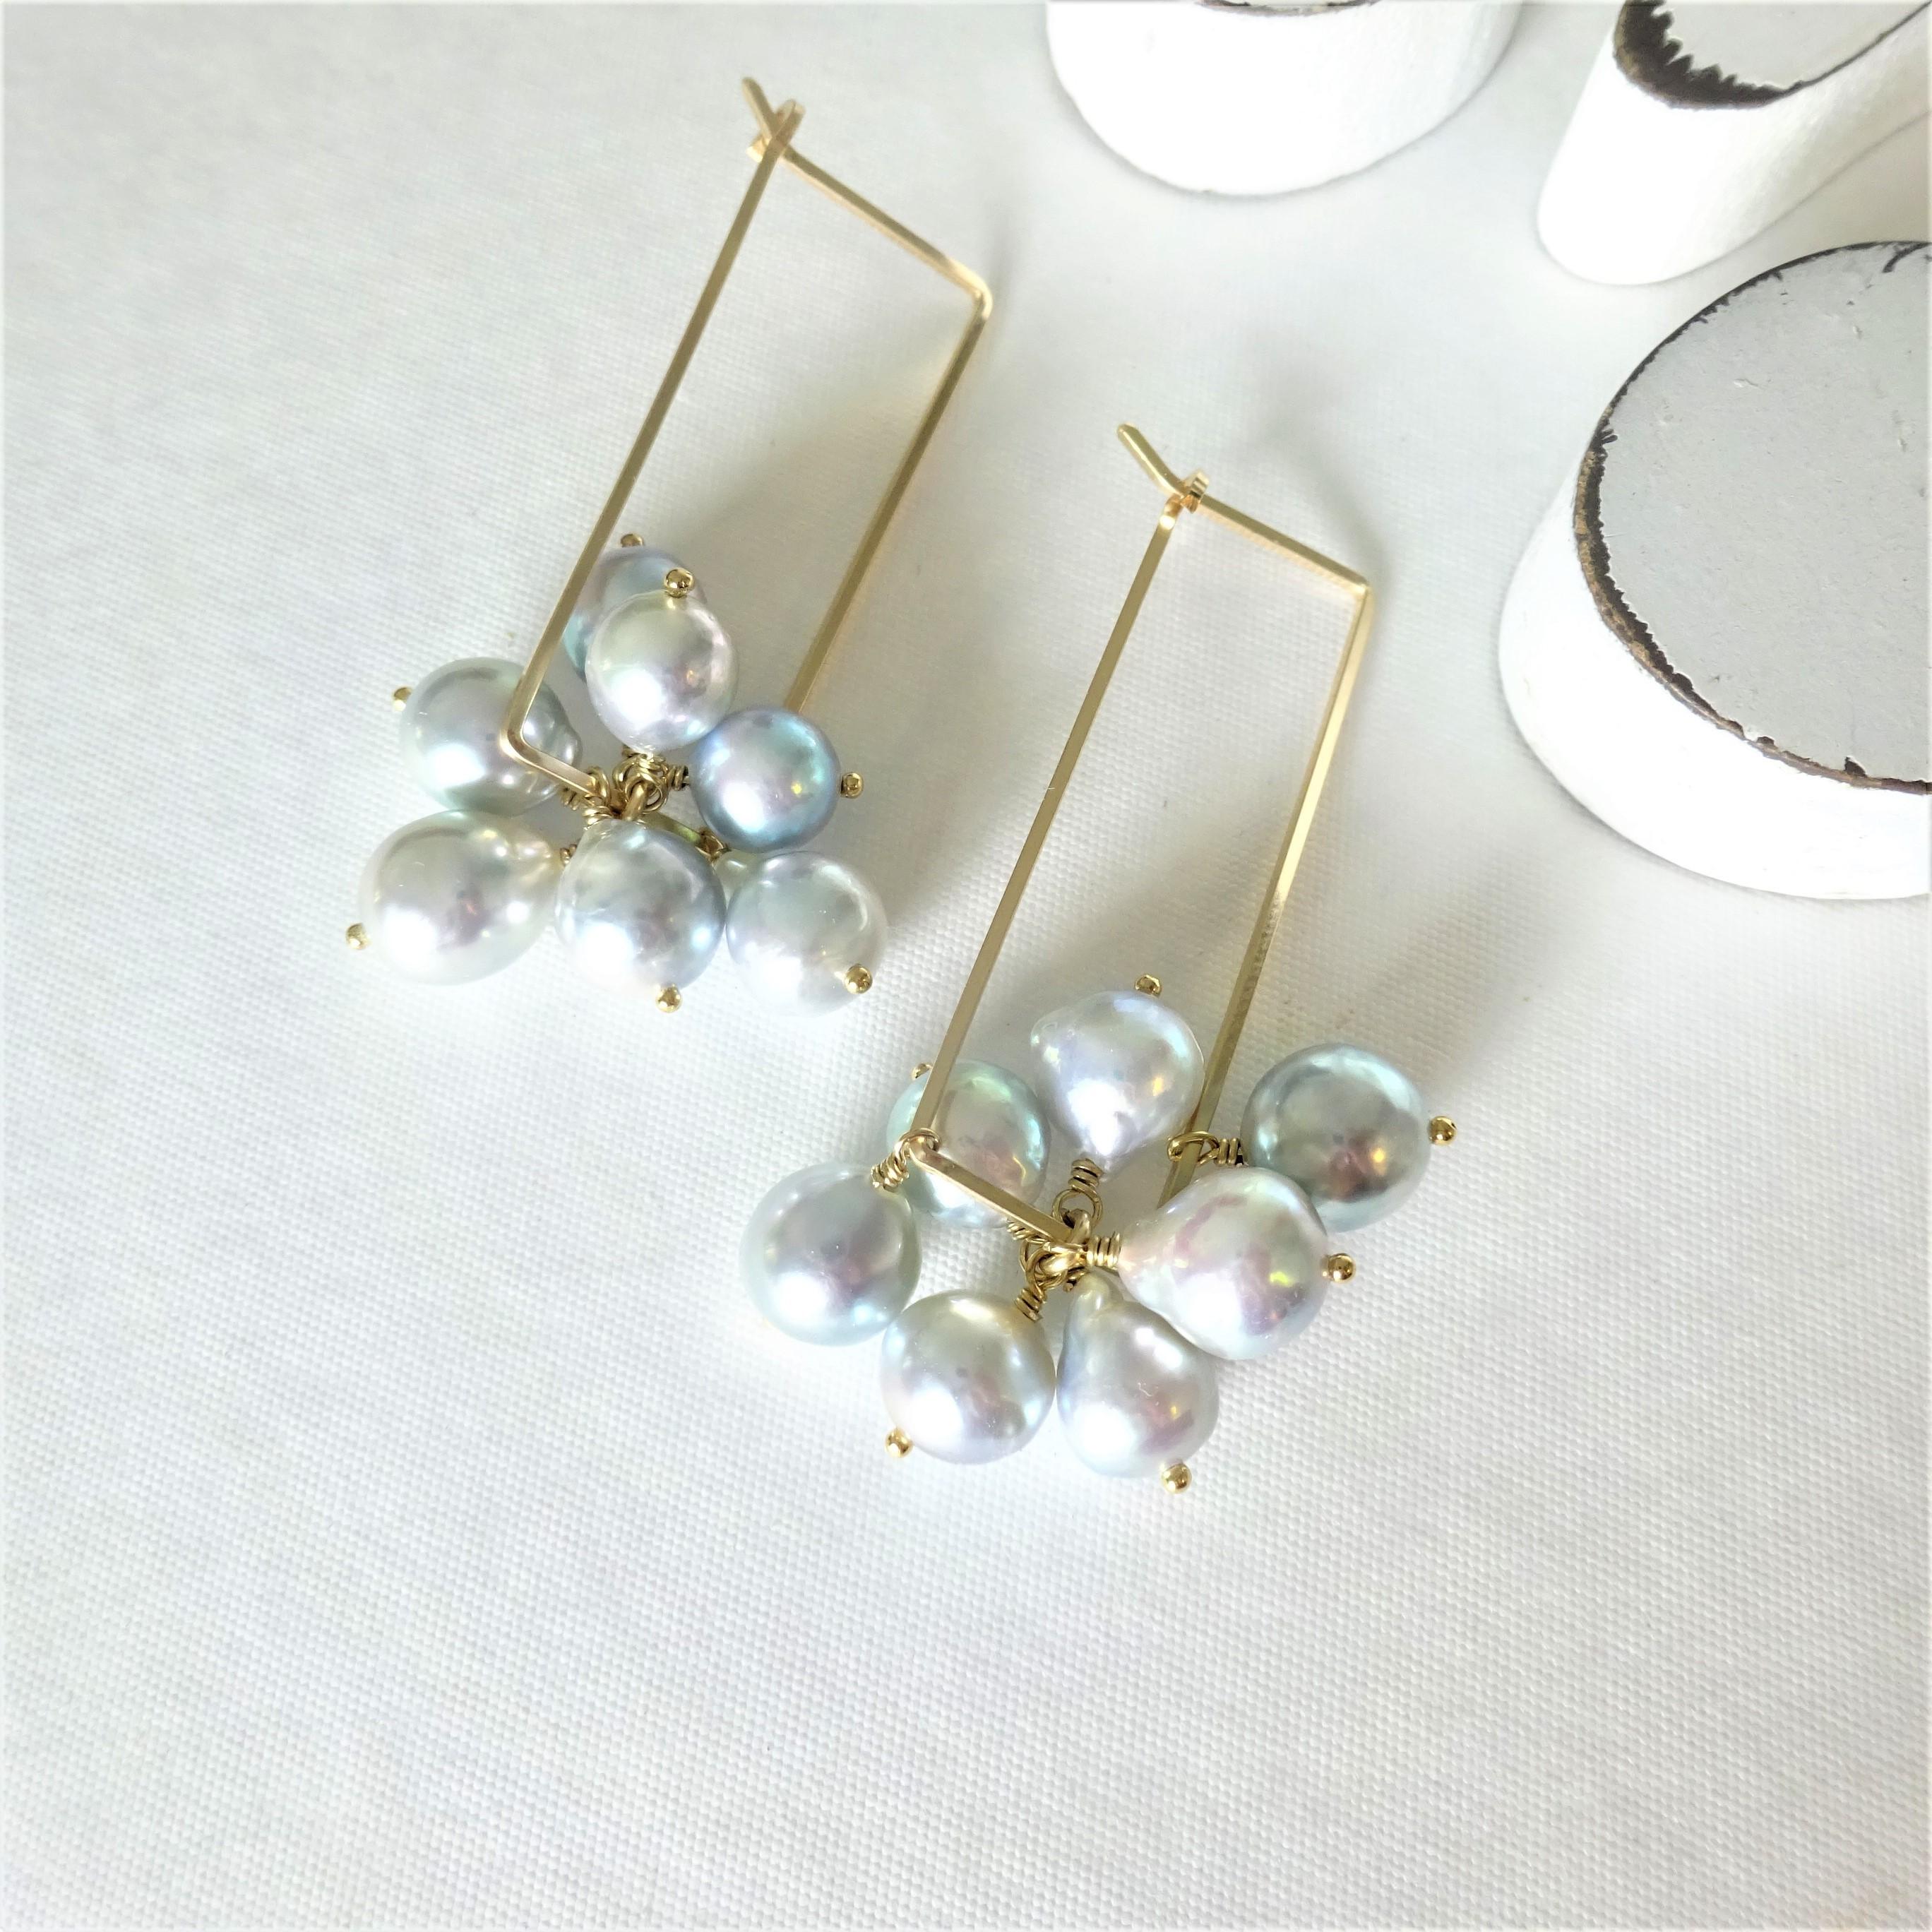 送料無料 14kgf♡Japanese Akoya sea pearl square pierced earring NATURAL SILVER パール